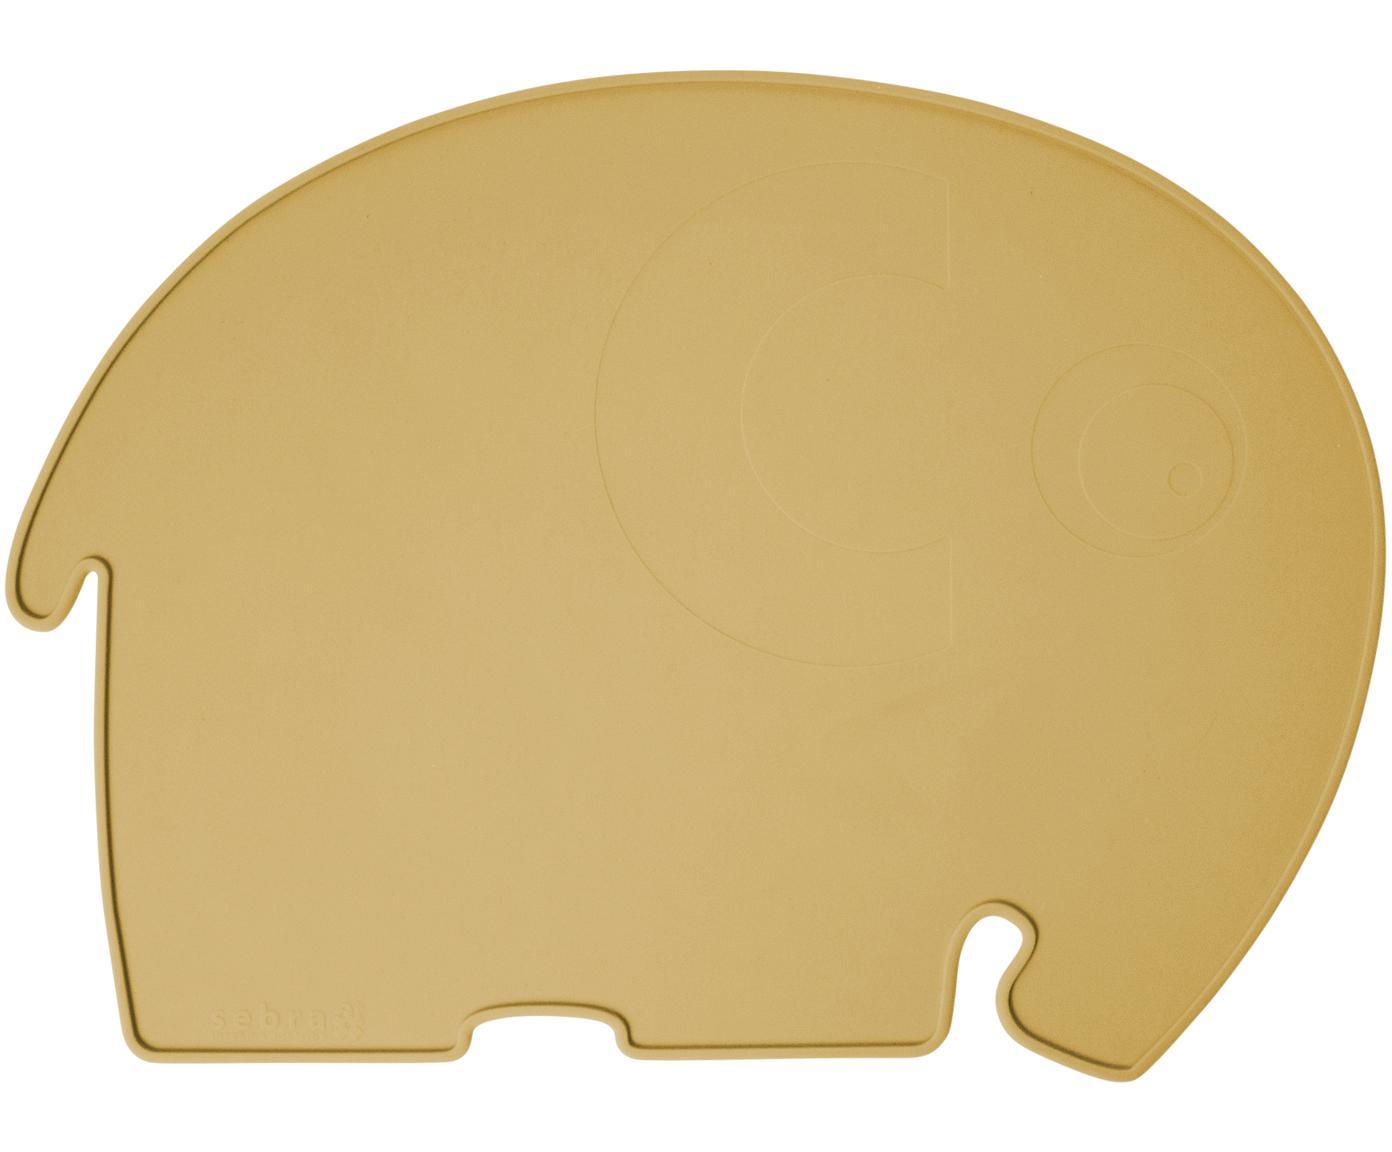 Podkładka Fanto, Silikon, bez BPA, Żółty, S 43 x W 33 cm